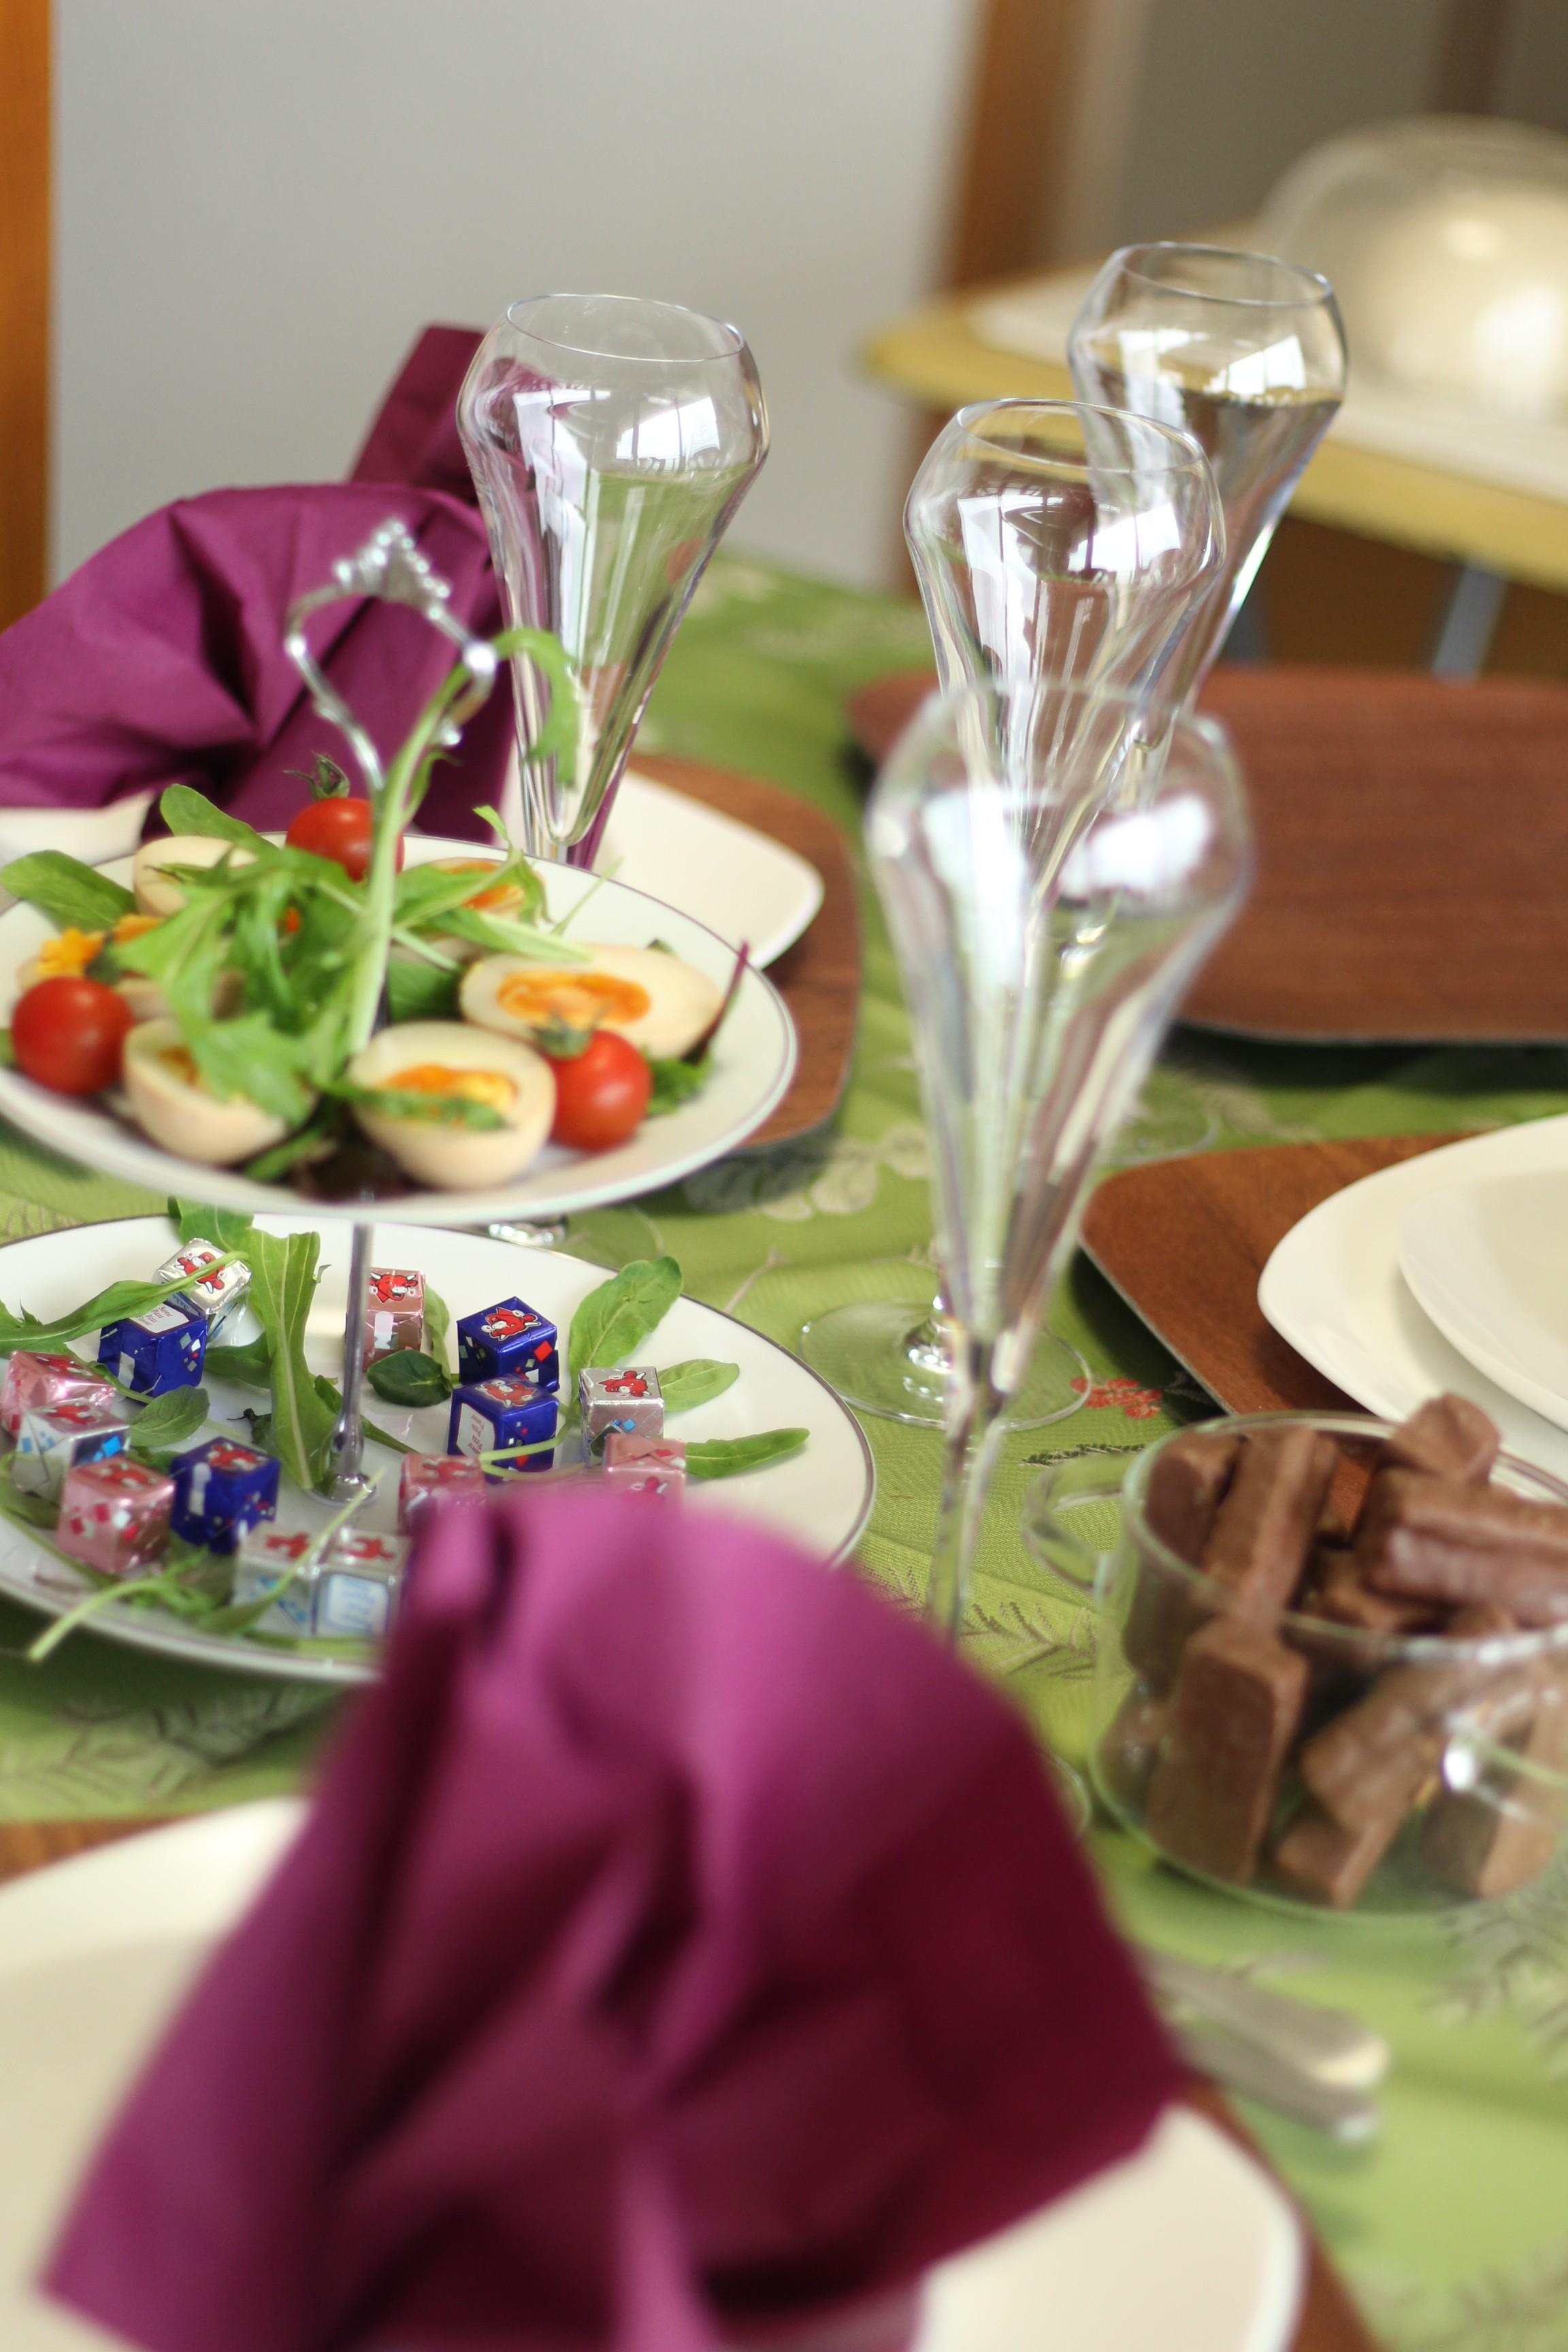 阿倍野区西田辺a-ta-sante 糖質制限パン料理教室。研究室卒業生を招いてホームパーティー